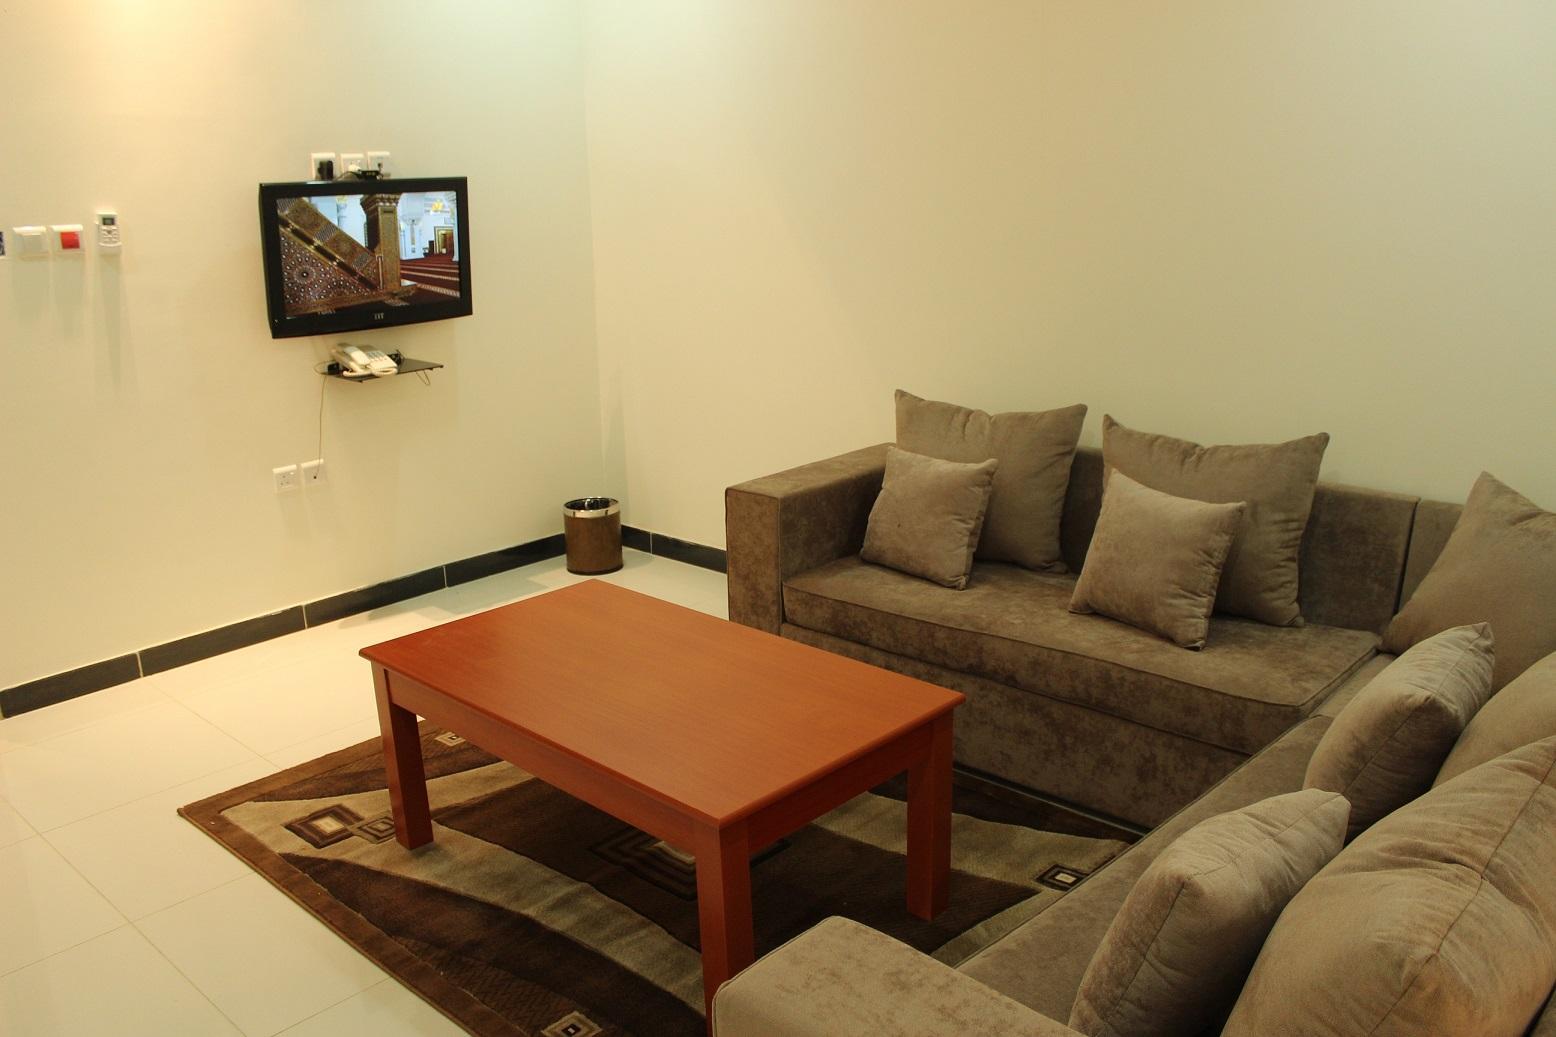 شقق أجمل مساء وحدات سكنية مفروشة الرياض 0114443919 777169929.jpg